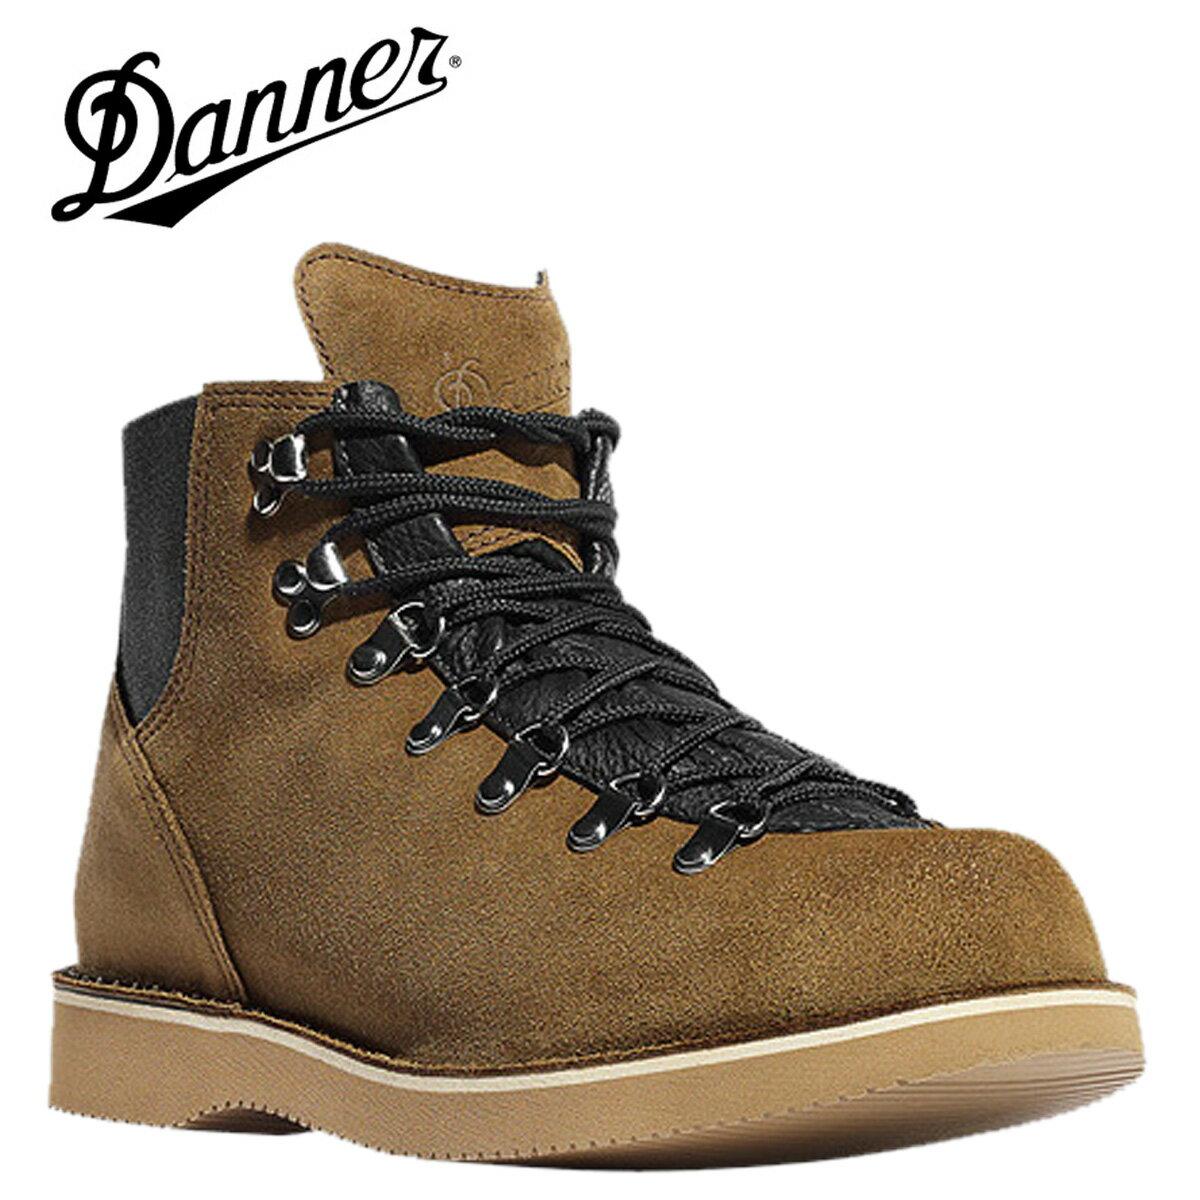 ダナー ブーツ Danner VERTIGO 32700 EEワイズ メンズ